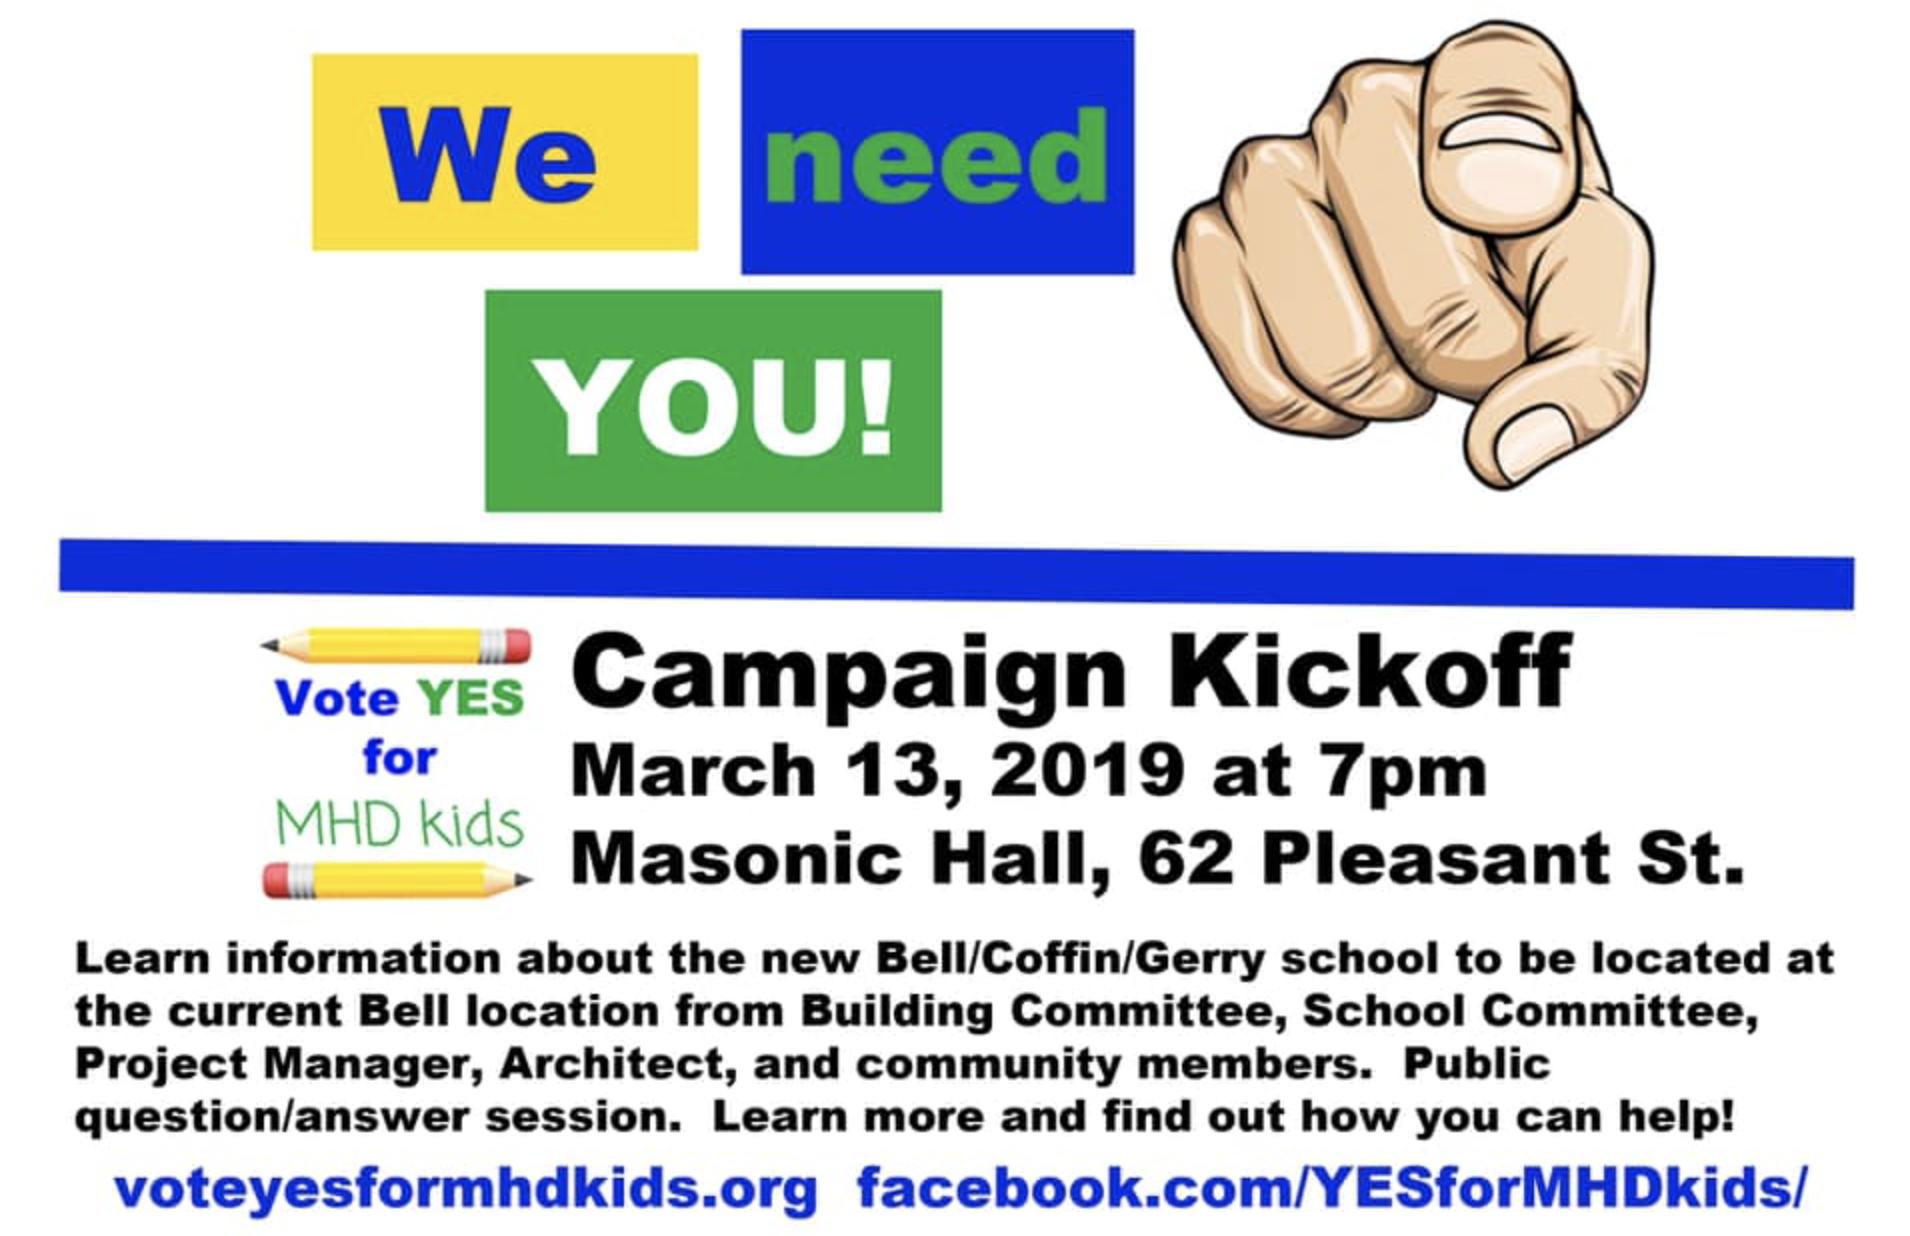 Political Campaign Promotion